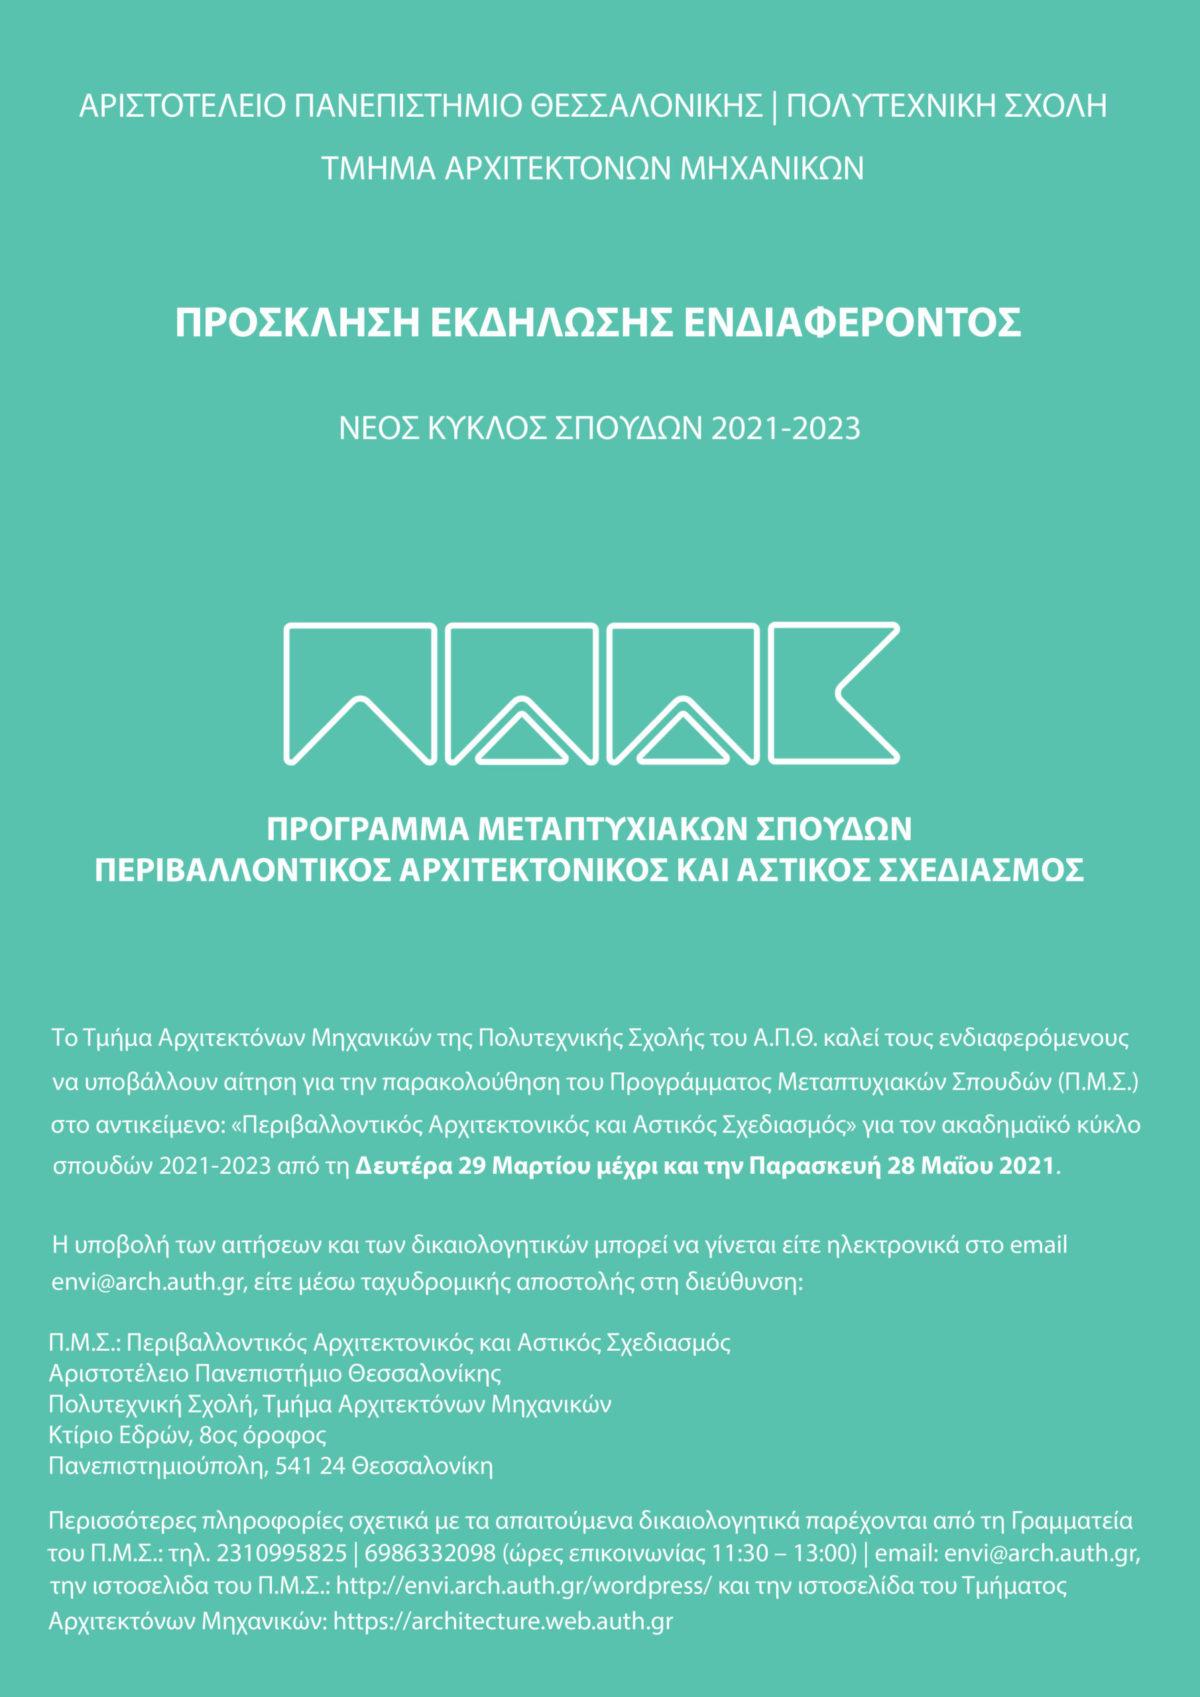 """Πρόγραμμα Μεταπτυχιακών Σπουδών """"Περιβαλλοντικός Αρχιτεκτονικός και Αστικός Σχεδιασμός"""" από το Τμήμα Αρχιτεκτόνων ΑΠΘ,  4ος κύκλος σπουδών 2021-2023"""